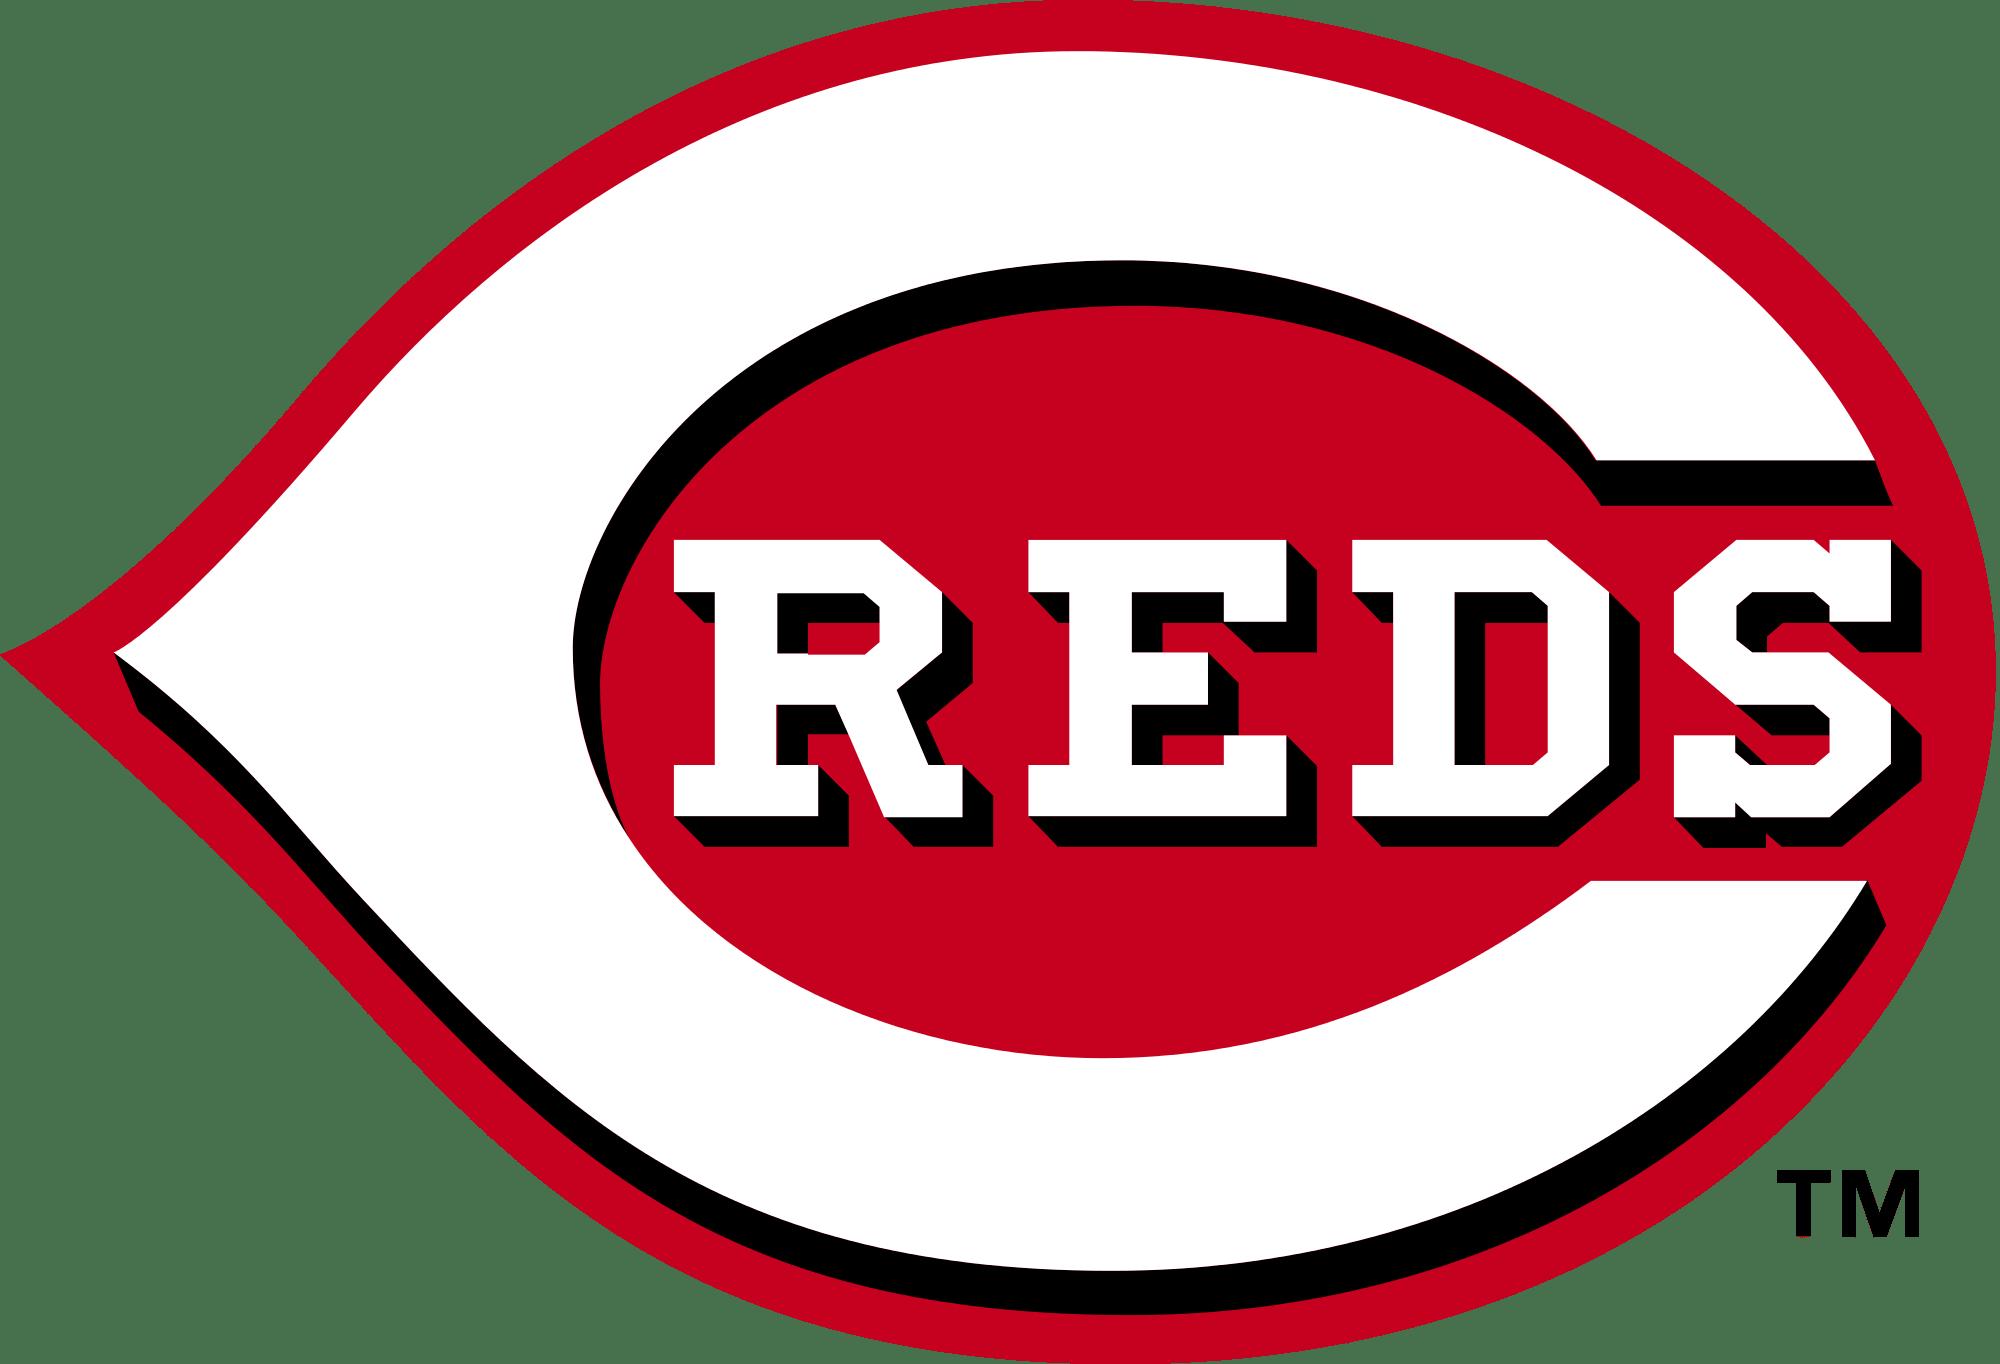 Cincinnati_Reds_355762